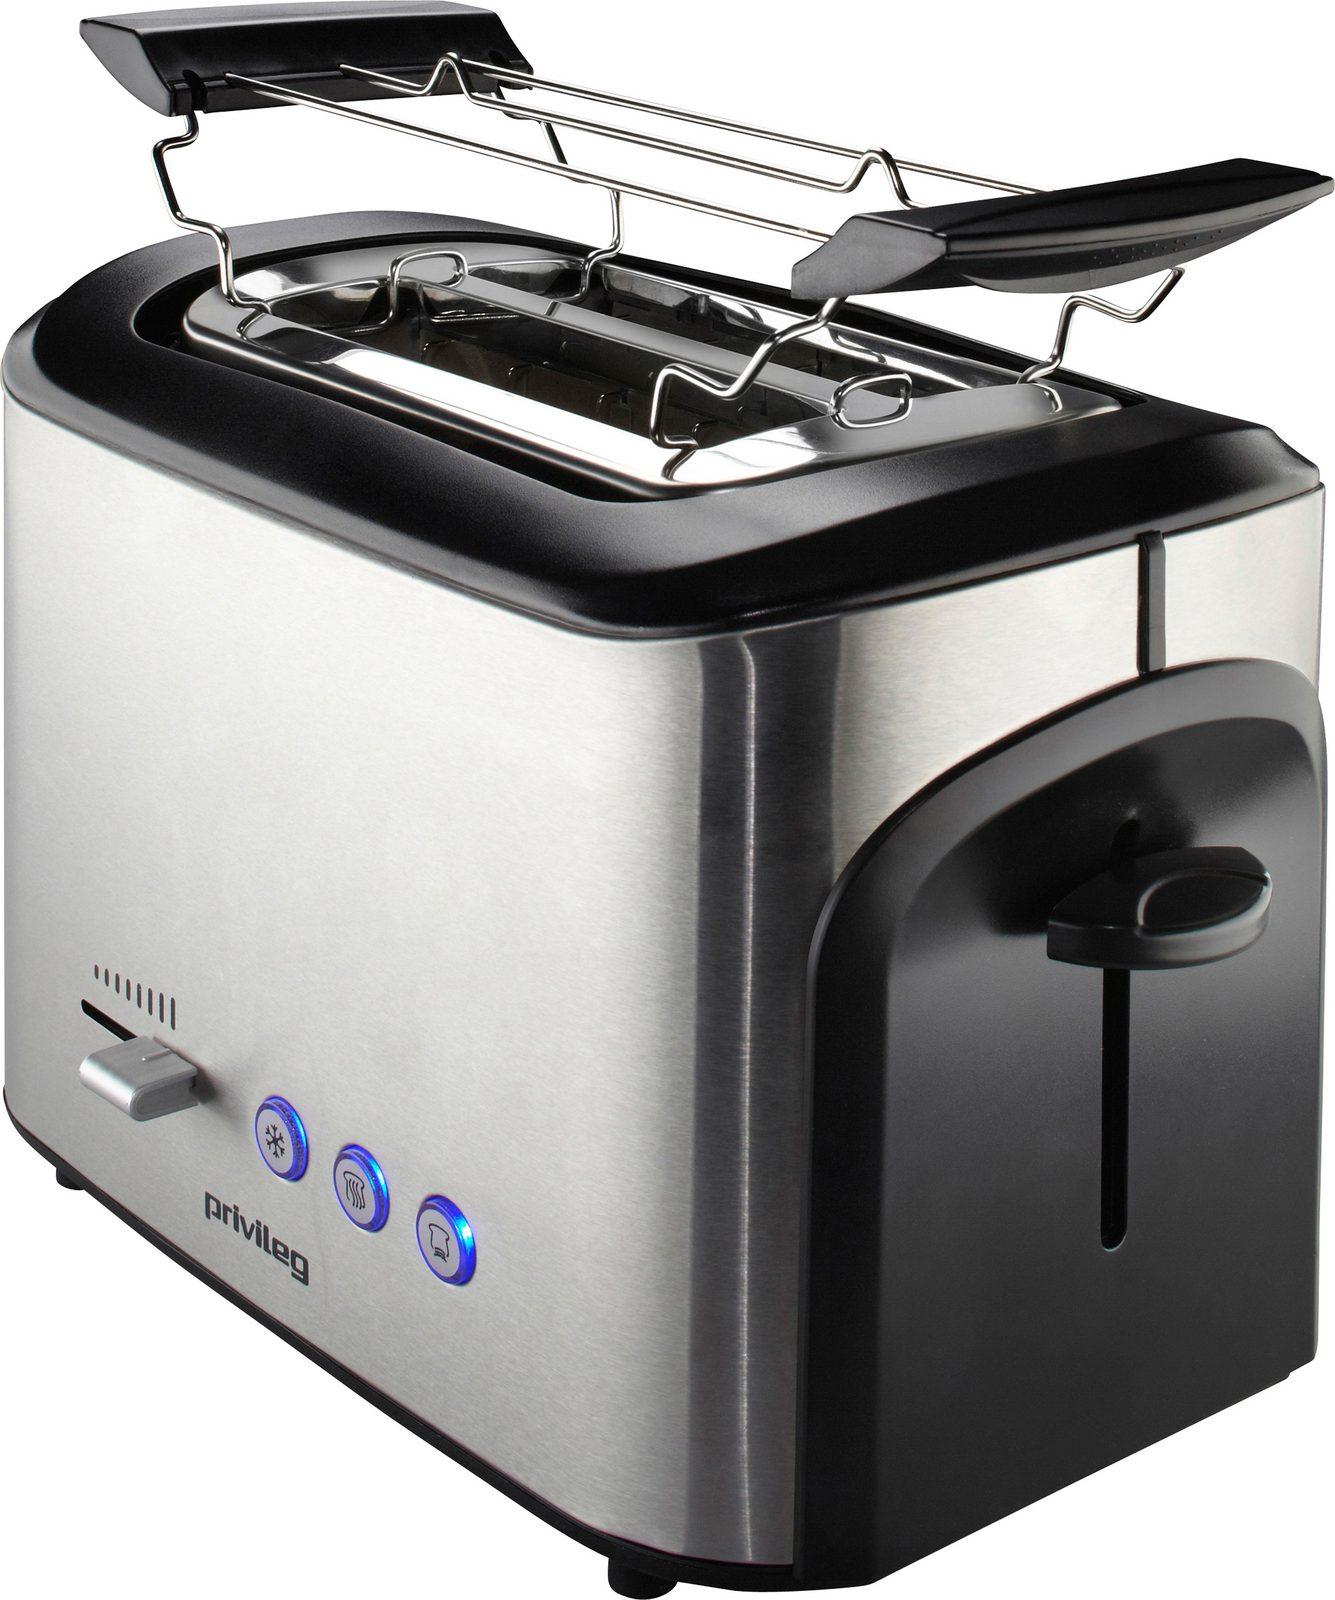 Privileg Toaster, mit Brötchenaufsatz, für 2 Scheiben, Edelstahl, max. 800 Watt